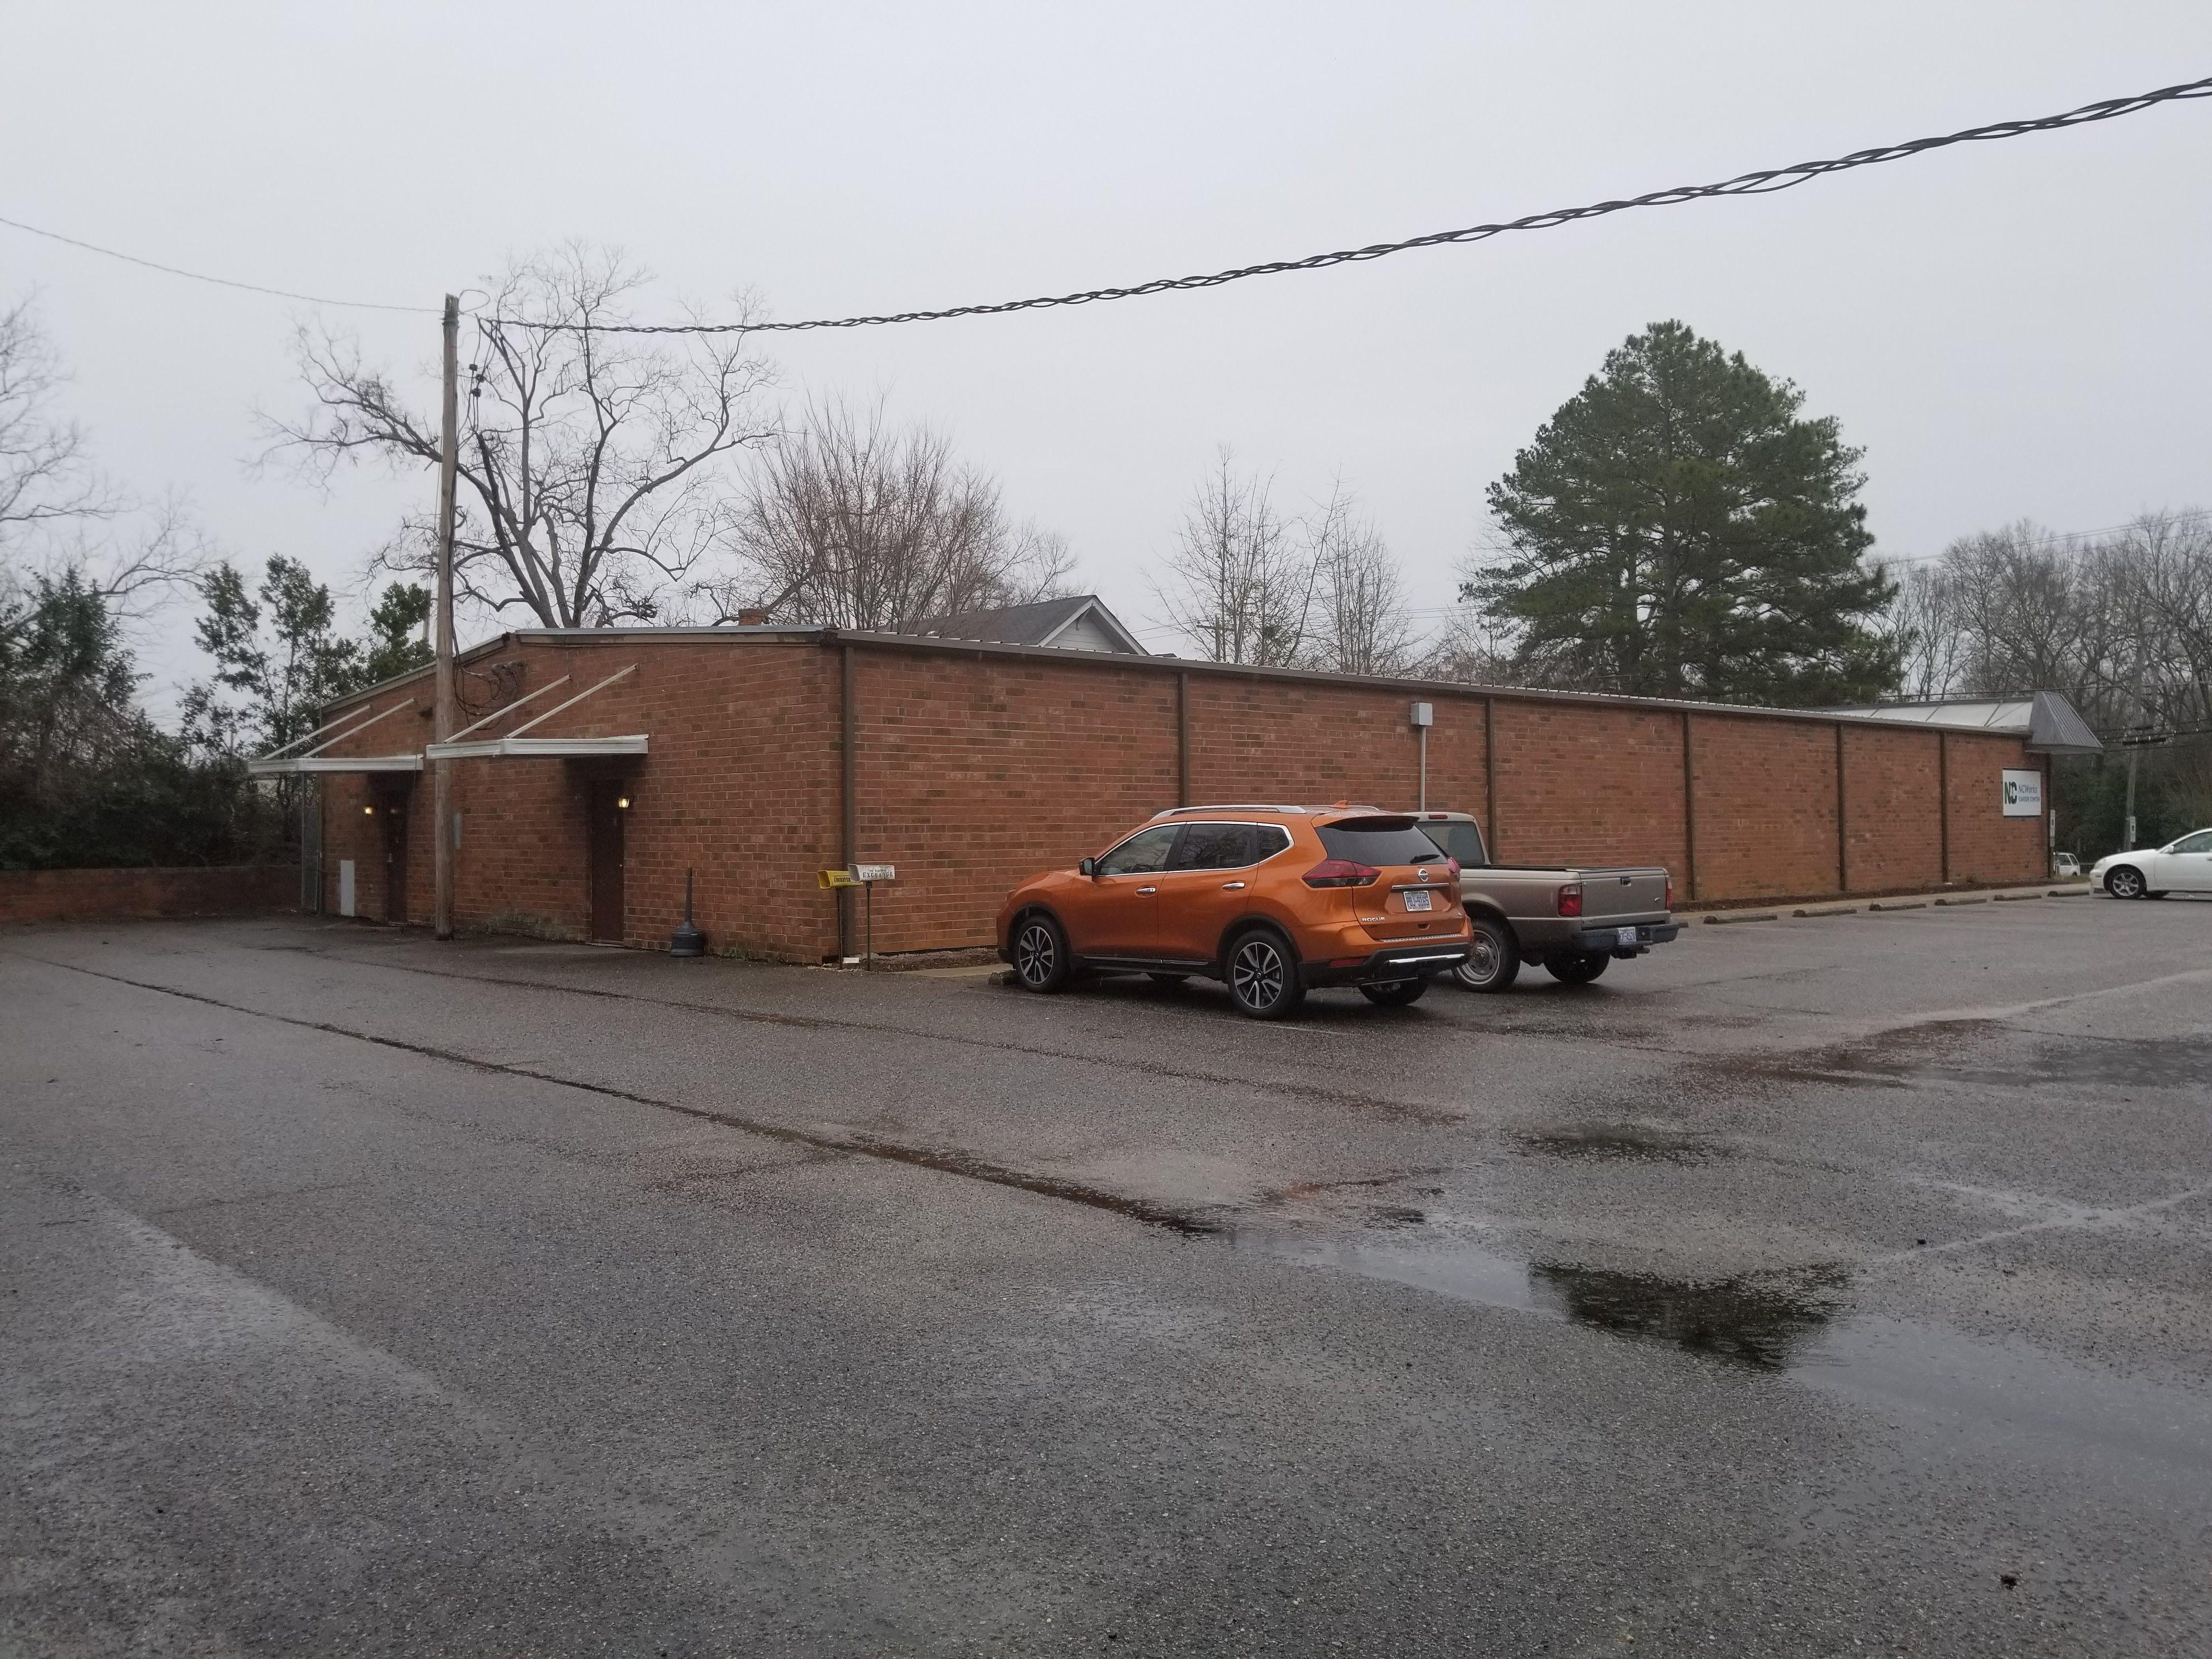 303 N Main St (Image - 5)